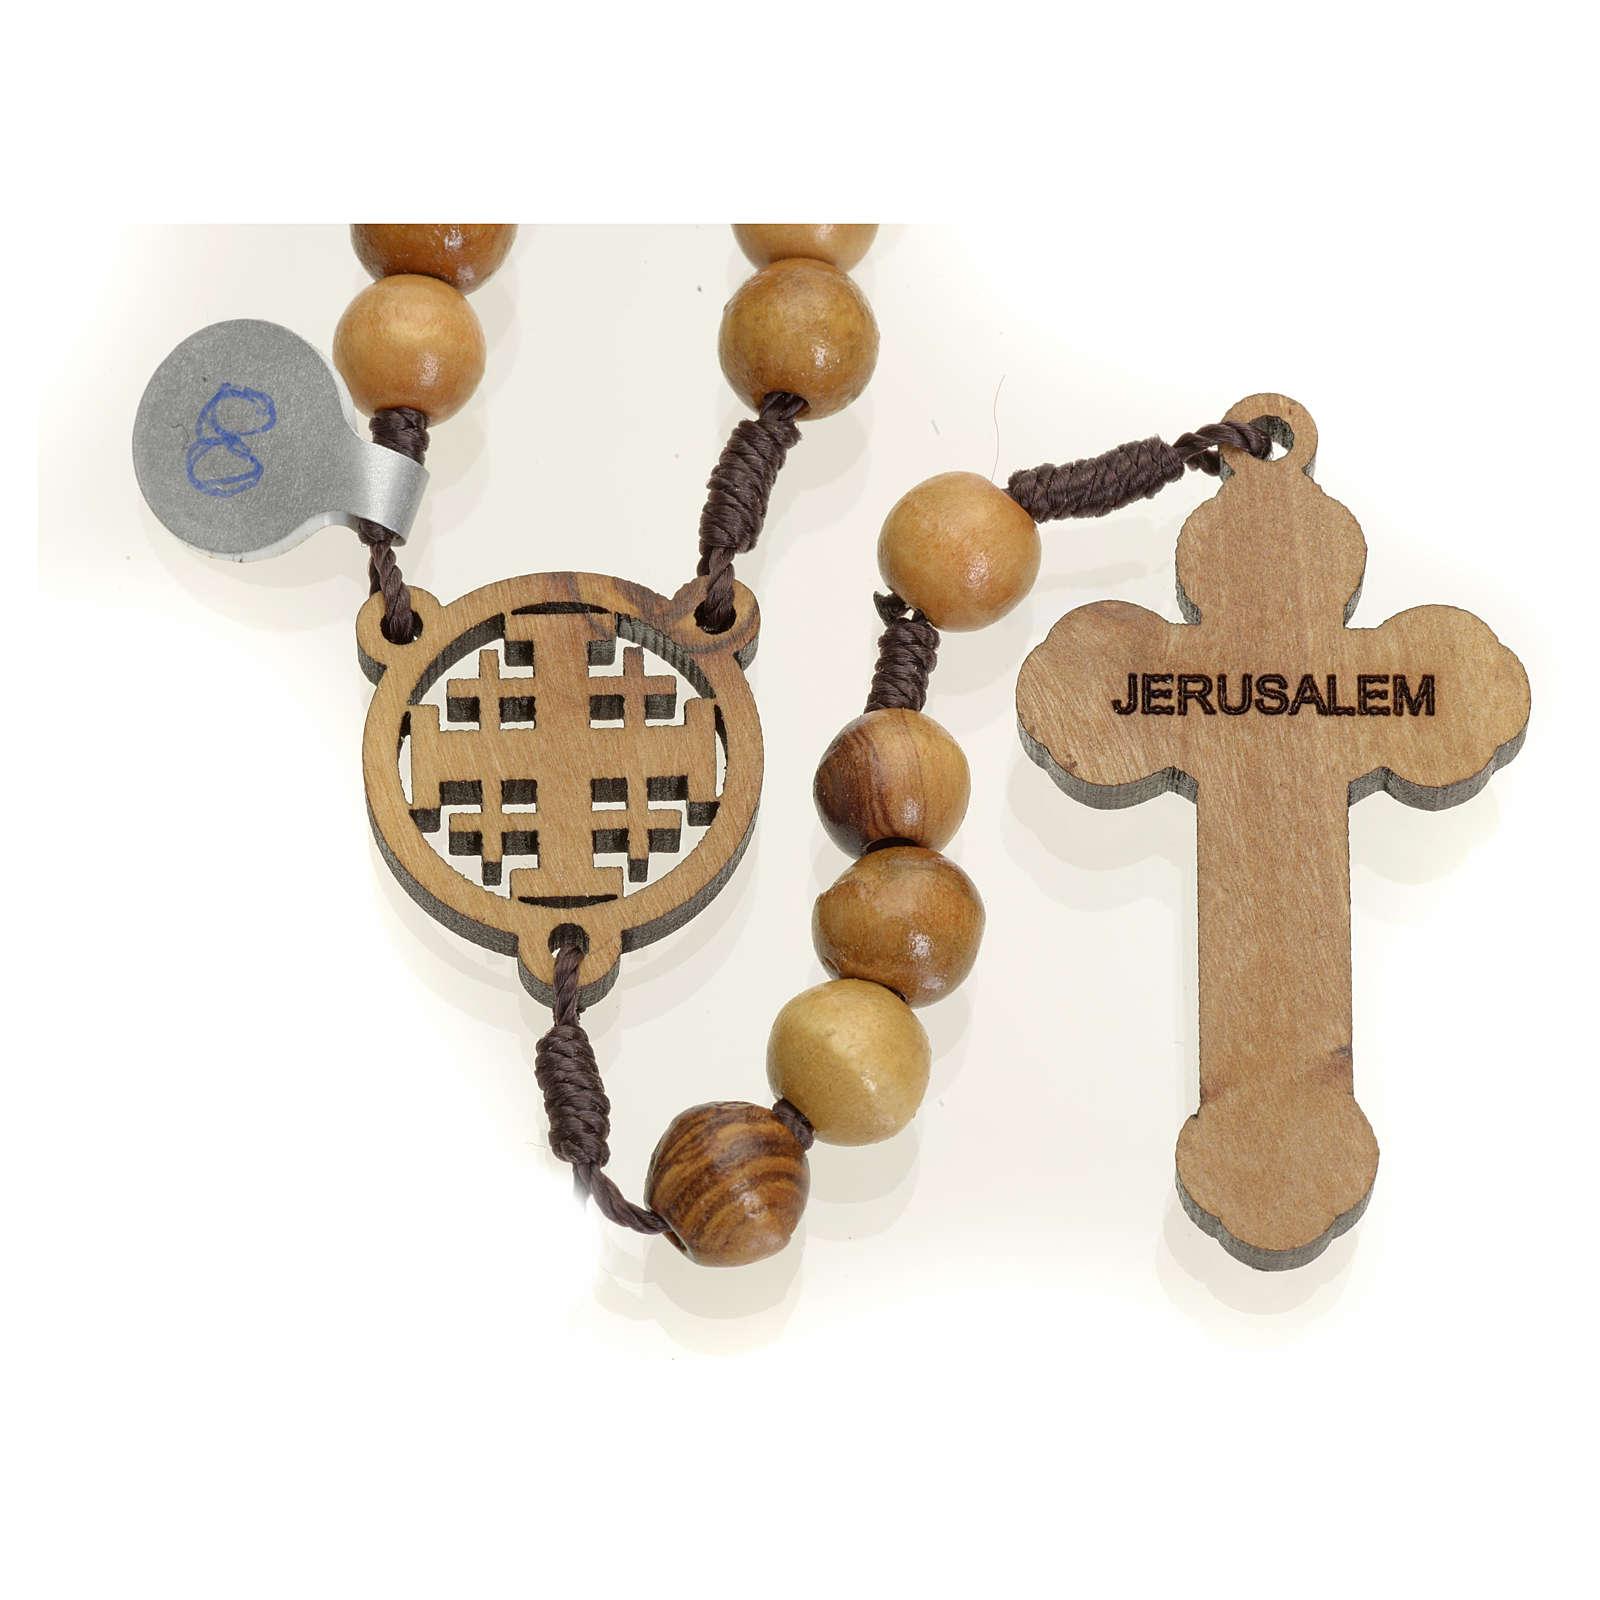 Rosario olivo Terrasanta croce e crociera Jerusalem 4